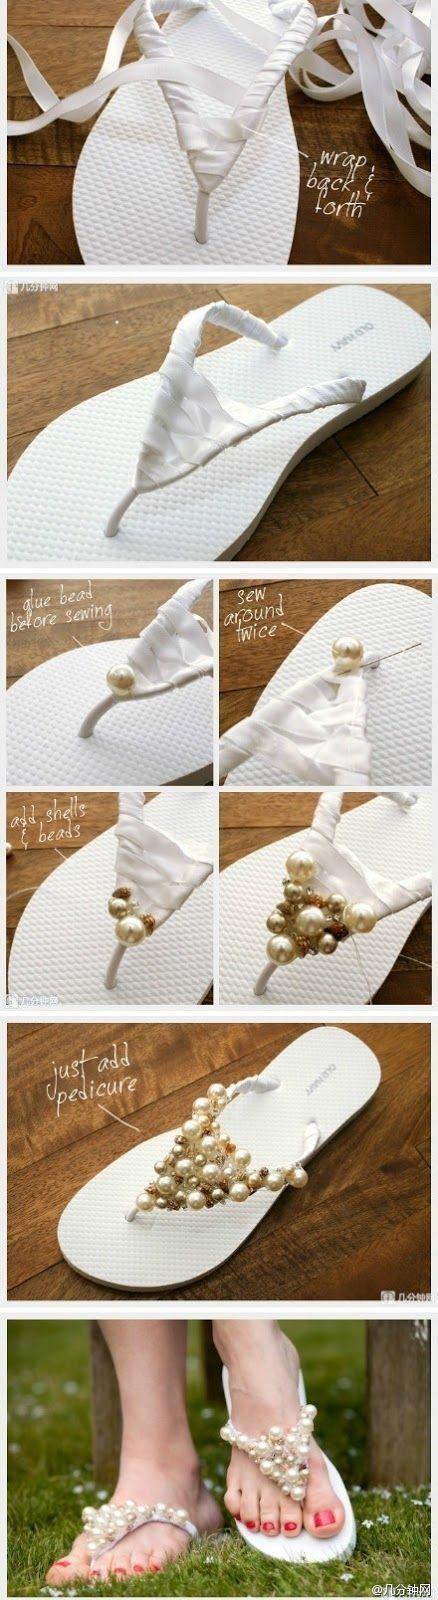 decorar_zapatos_03                                                                                                                                                                                 Más